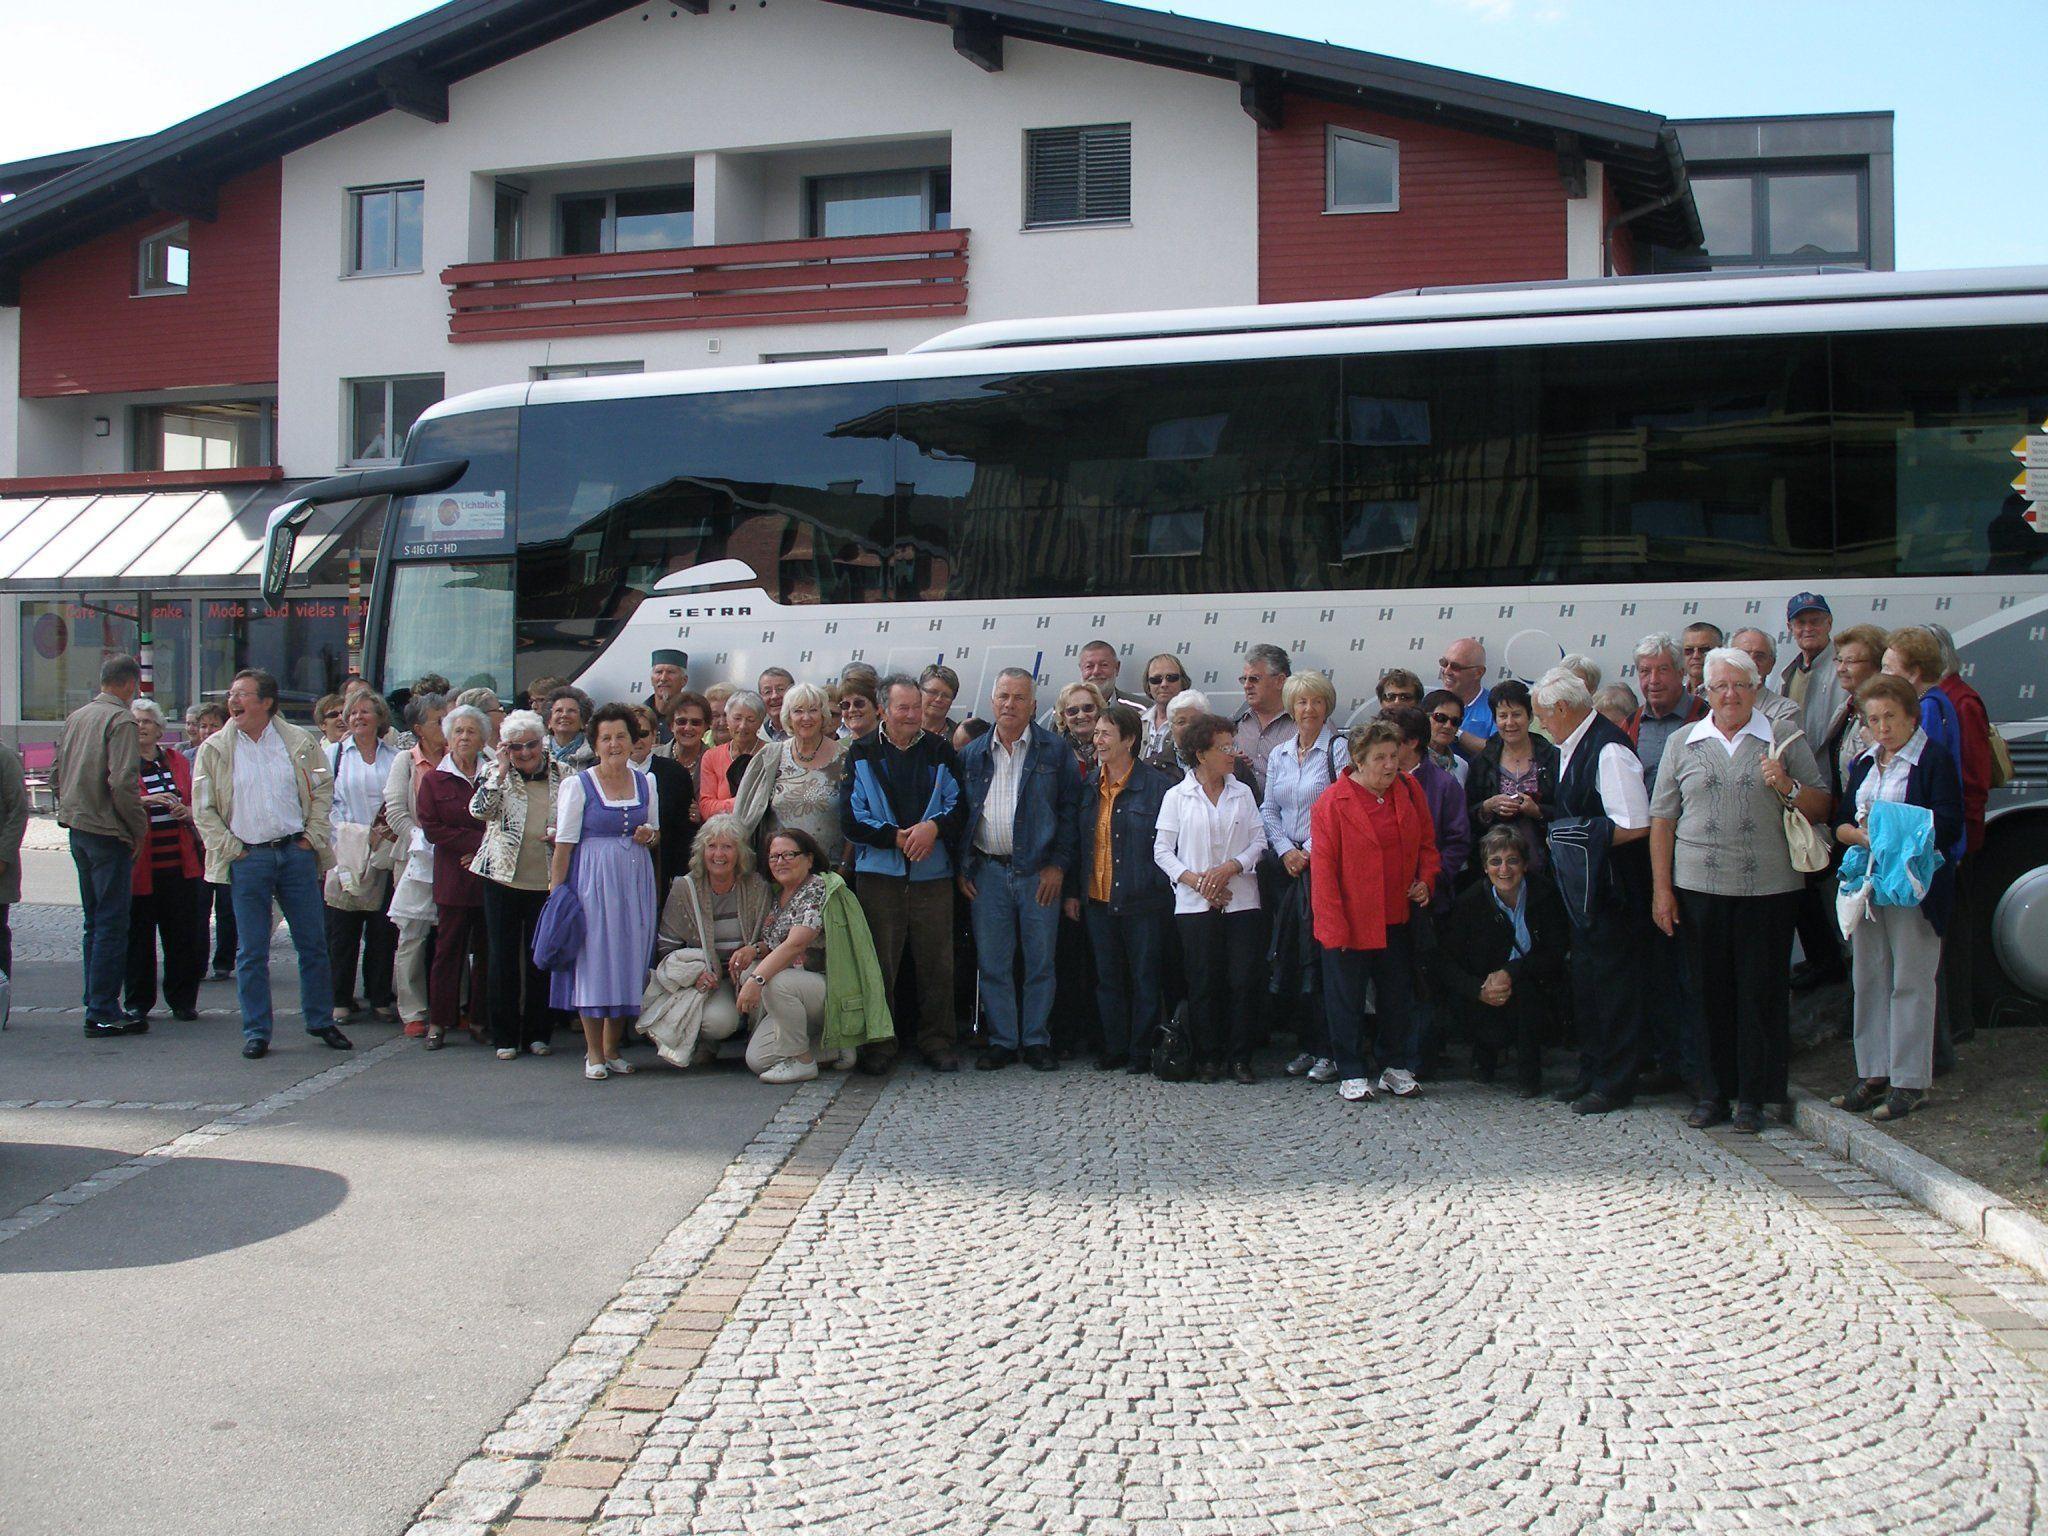 Teilnehmer der Fahrt in's Blaue 2012.in Sulzberg.